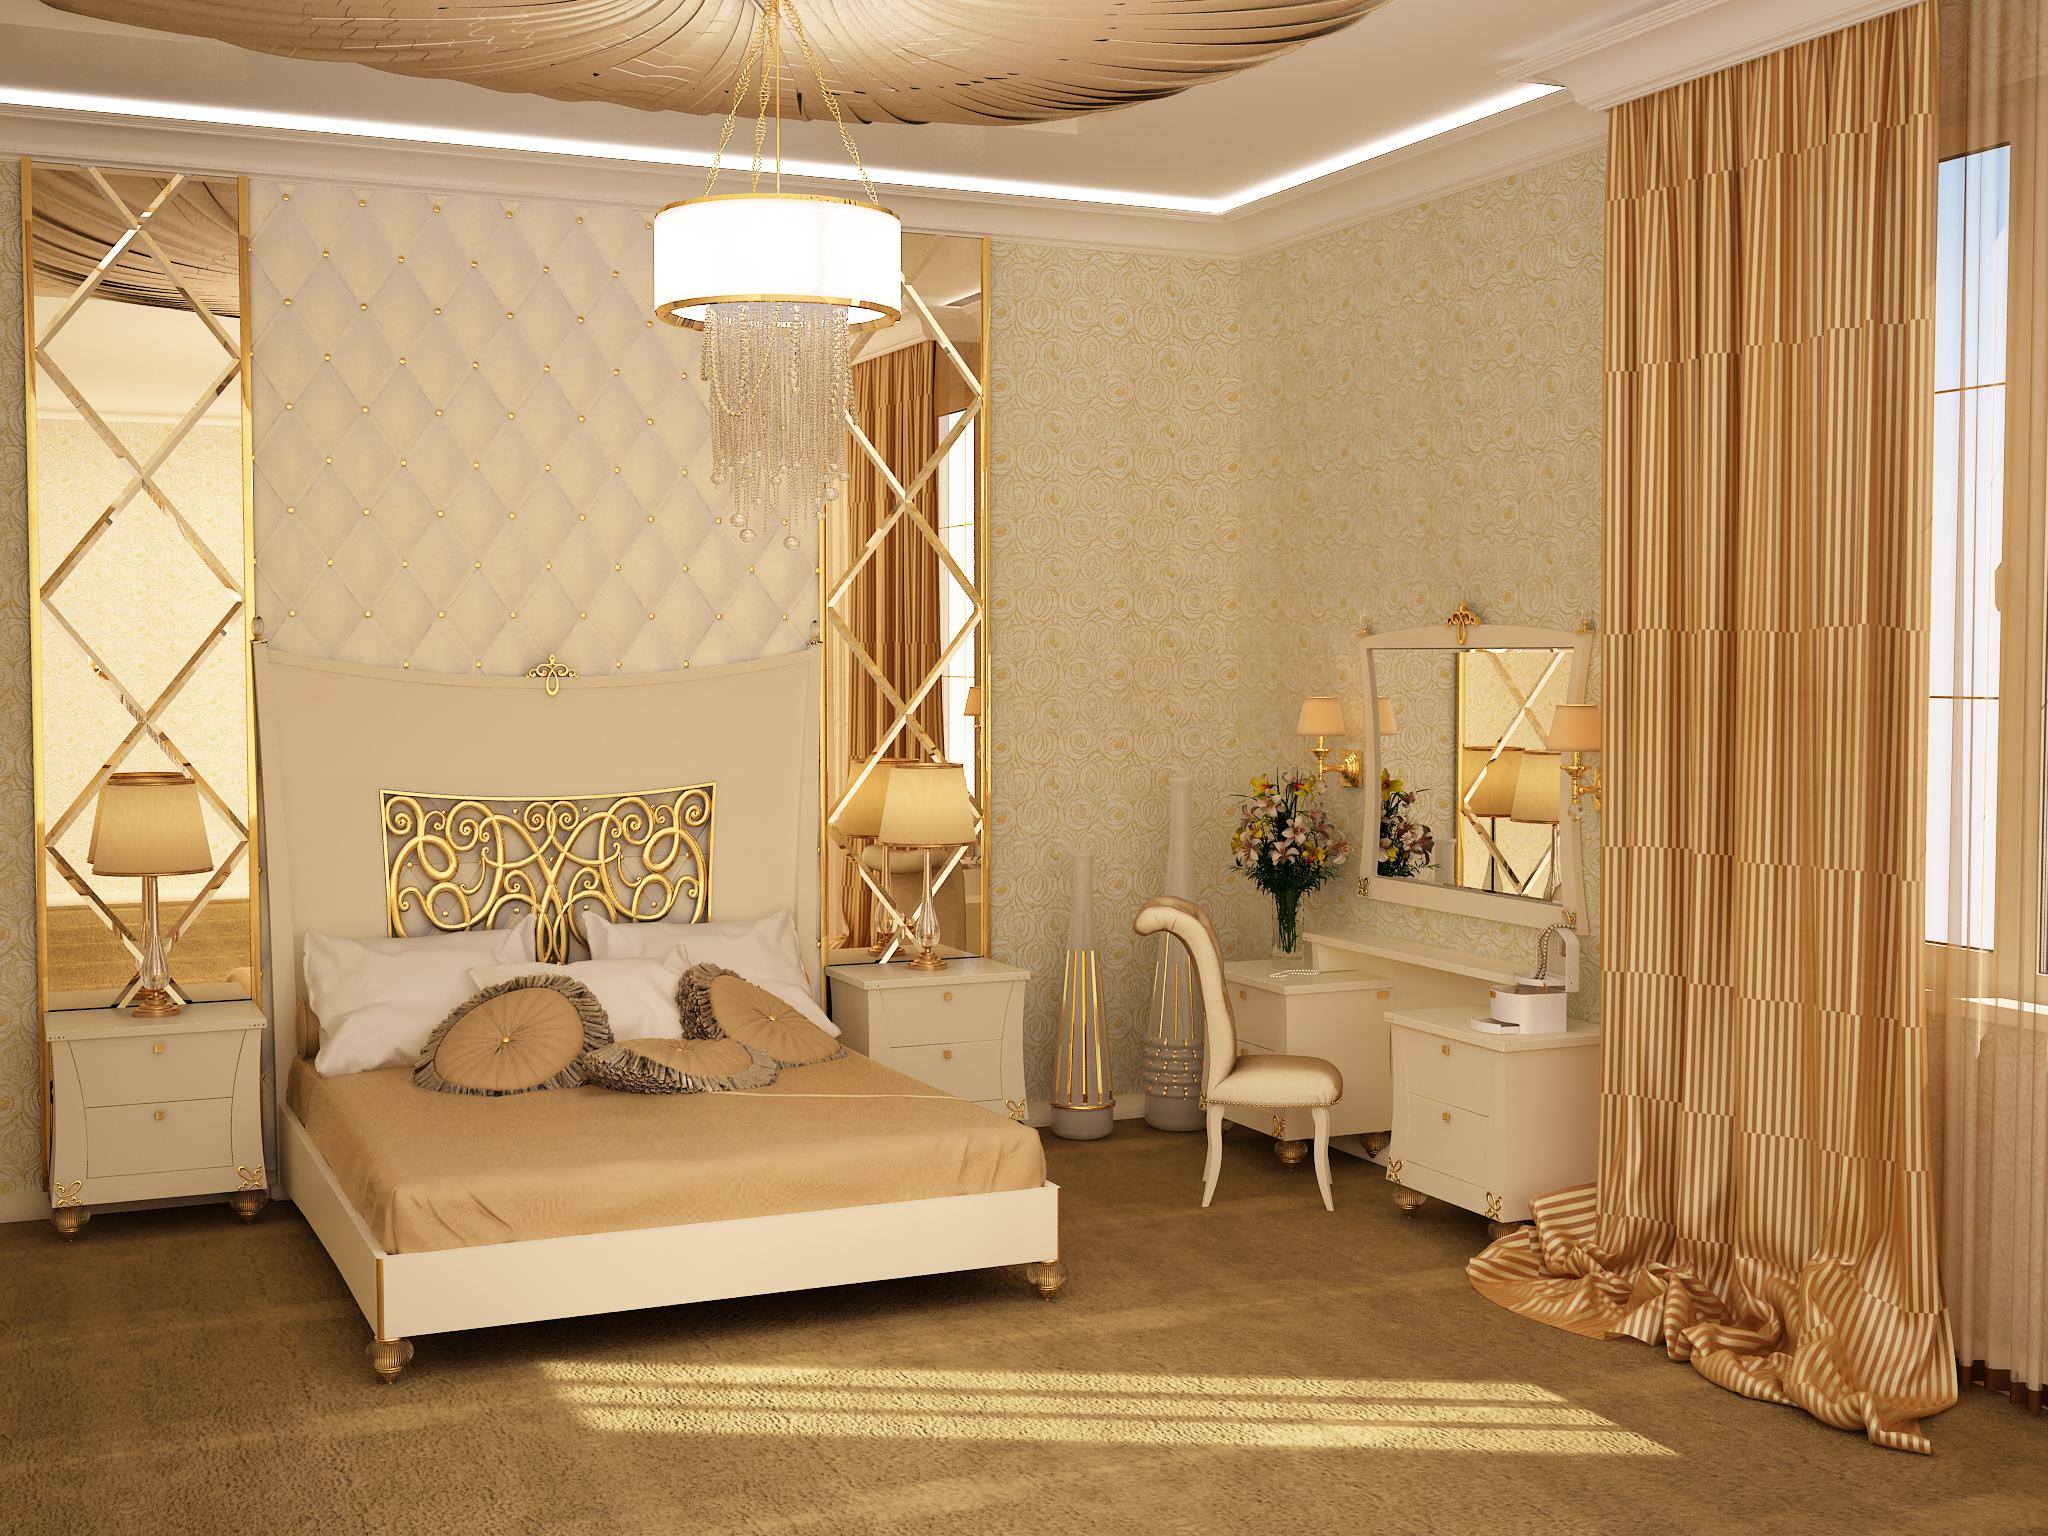 بالصور صور غرف النوم , تشكيلة رائعة من صور غرف النوم 693